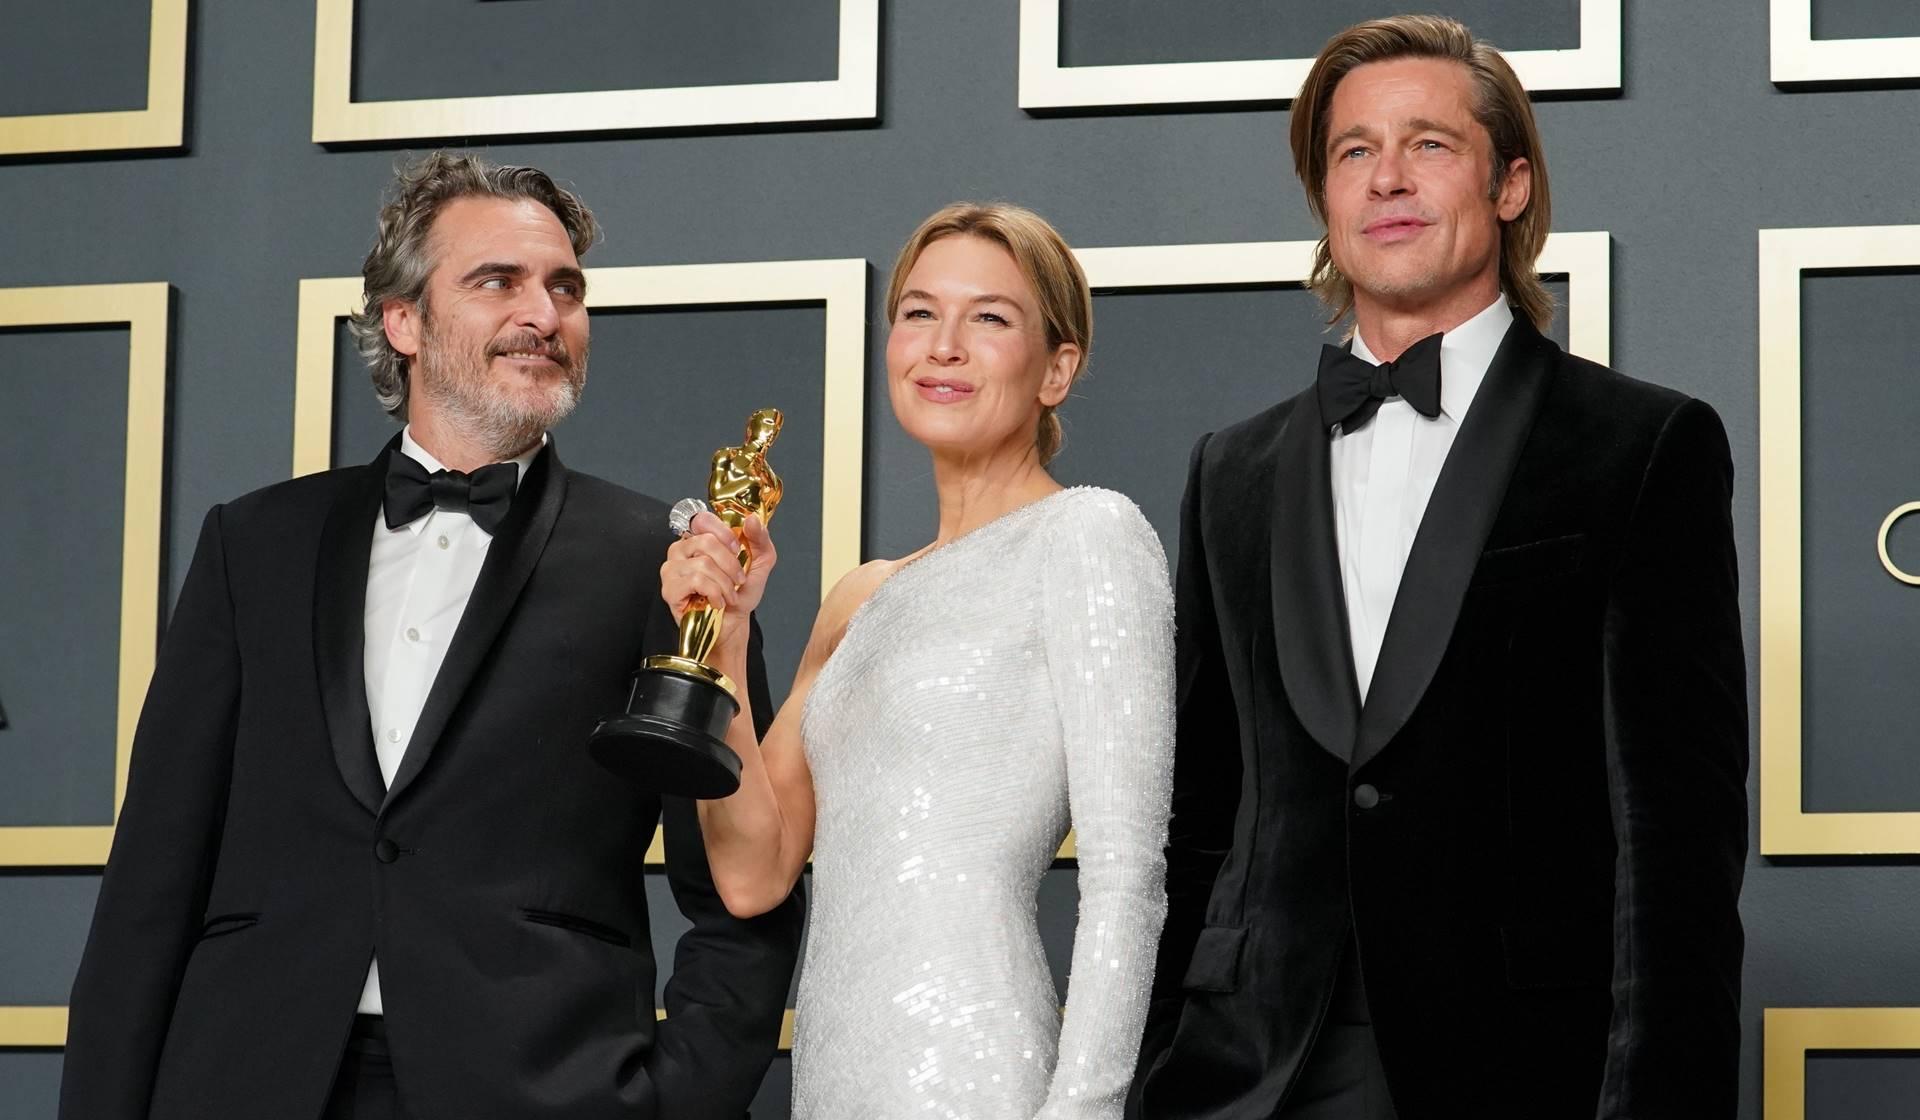 Los ganadores del premio Oscar, Joaquin Phoenix, Renée Zellweger y Brad Pitt